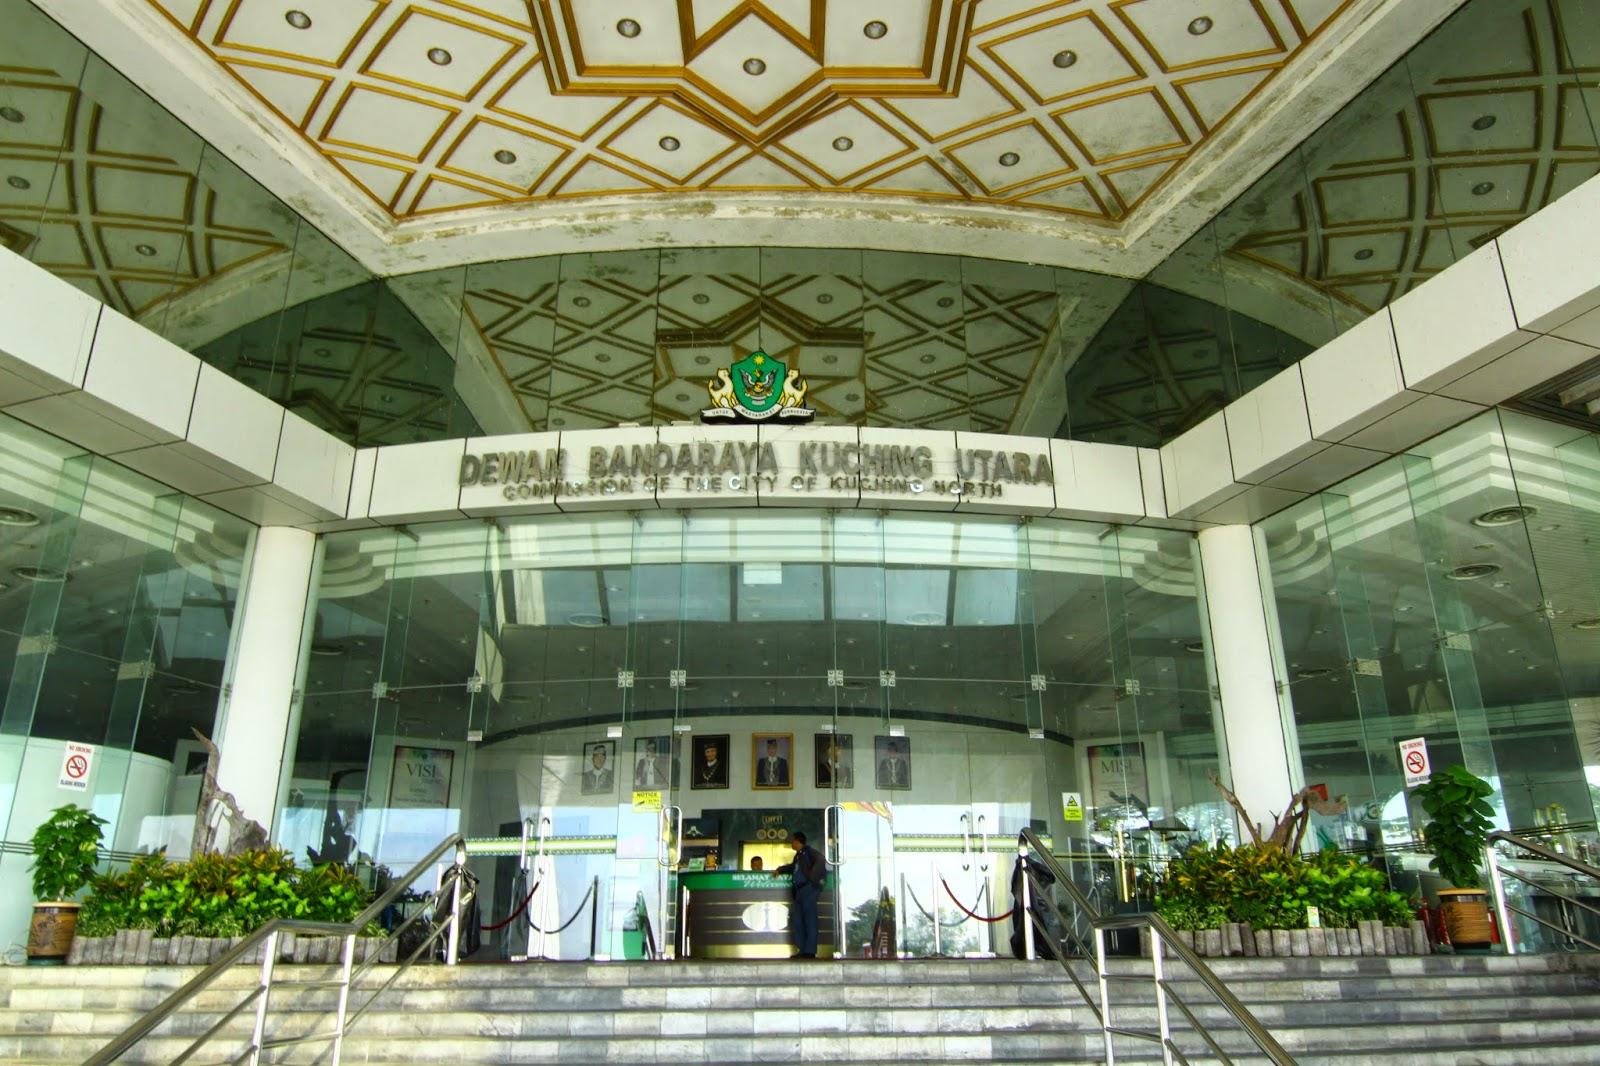 Dewan Bandaraya Kuching Utara